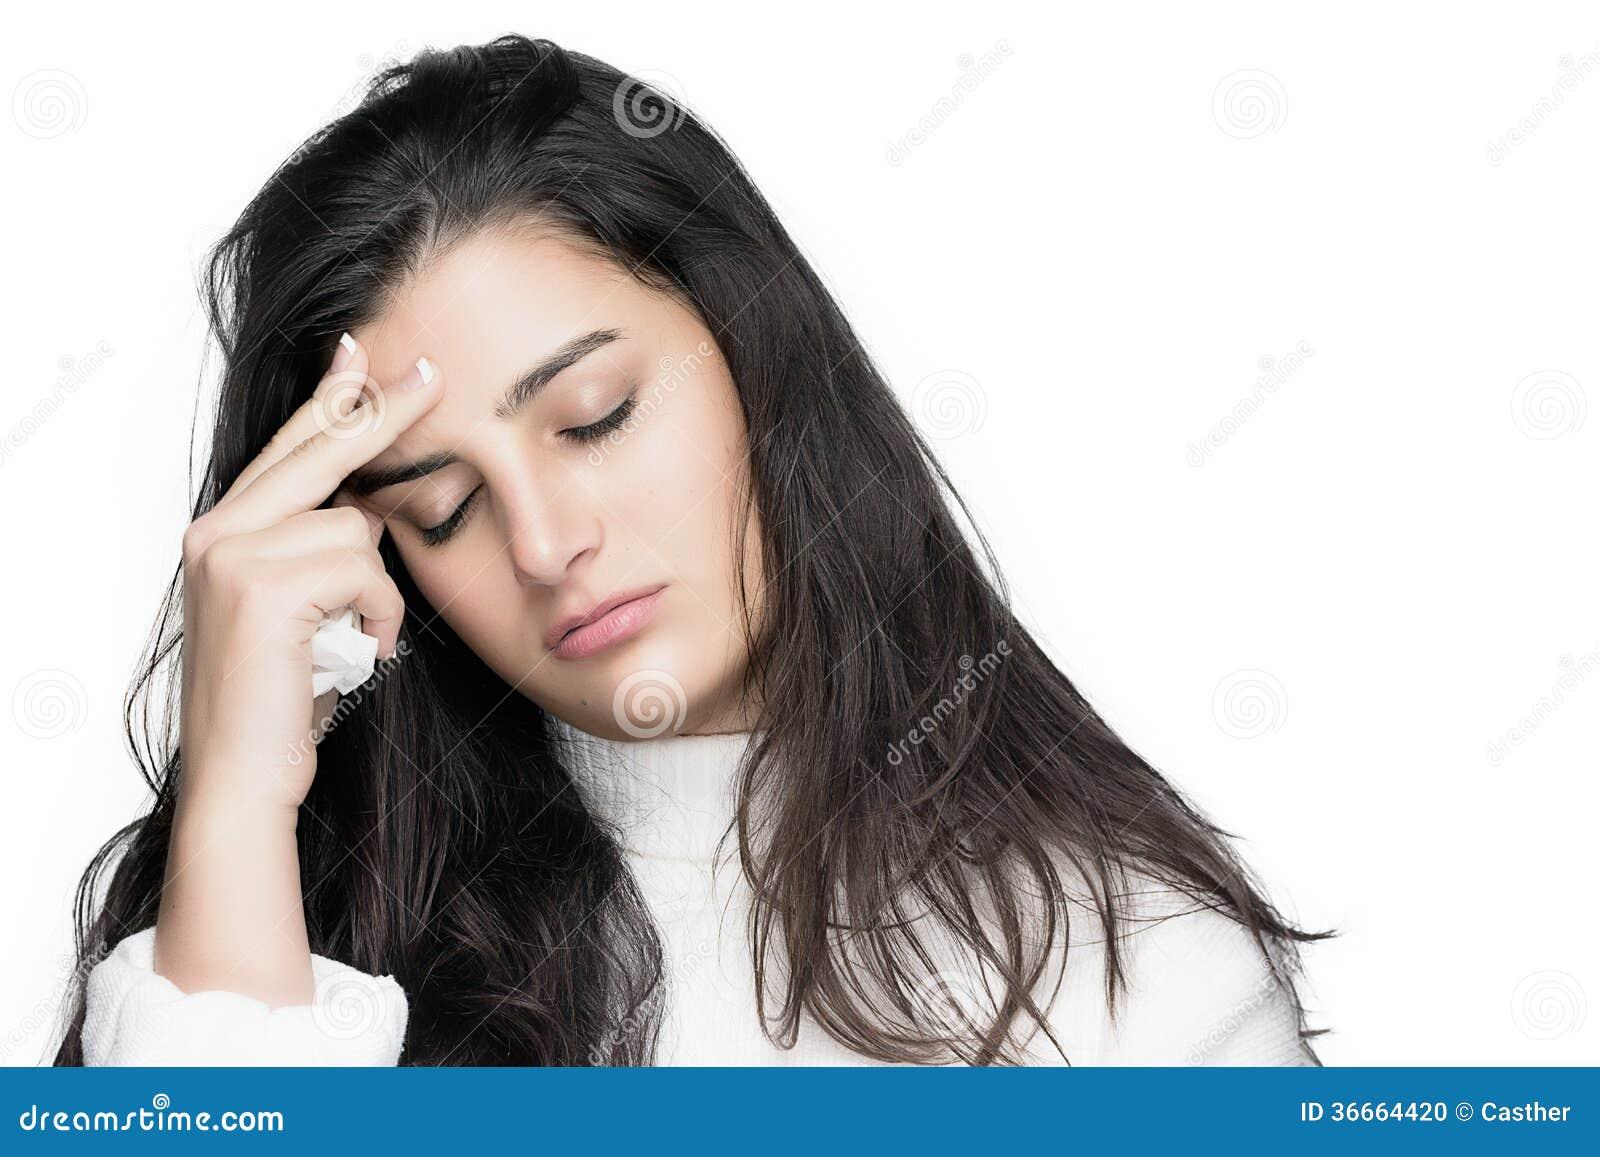 huvudvärk av allergi